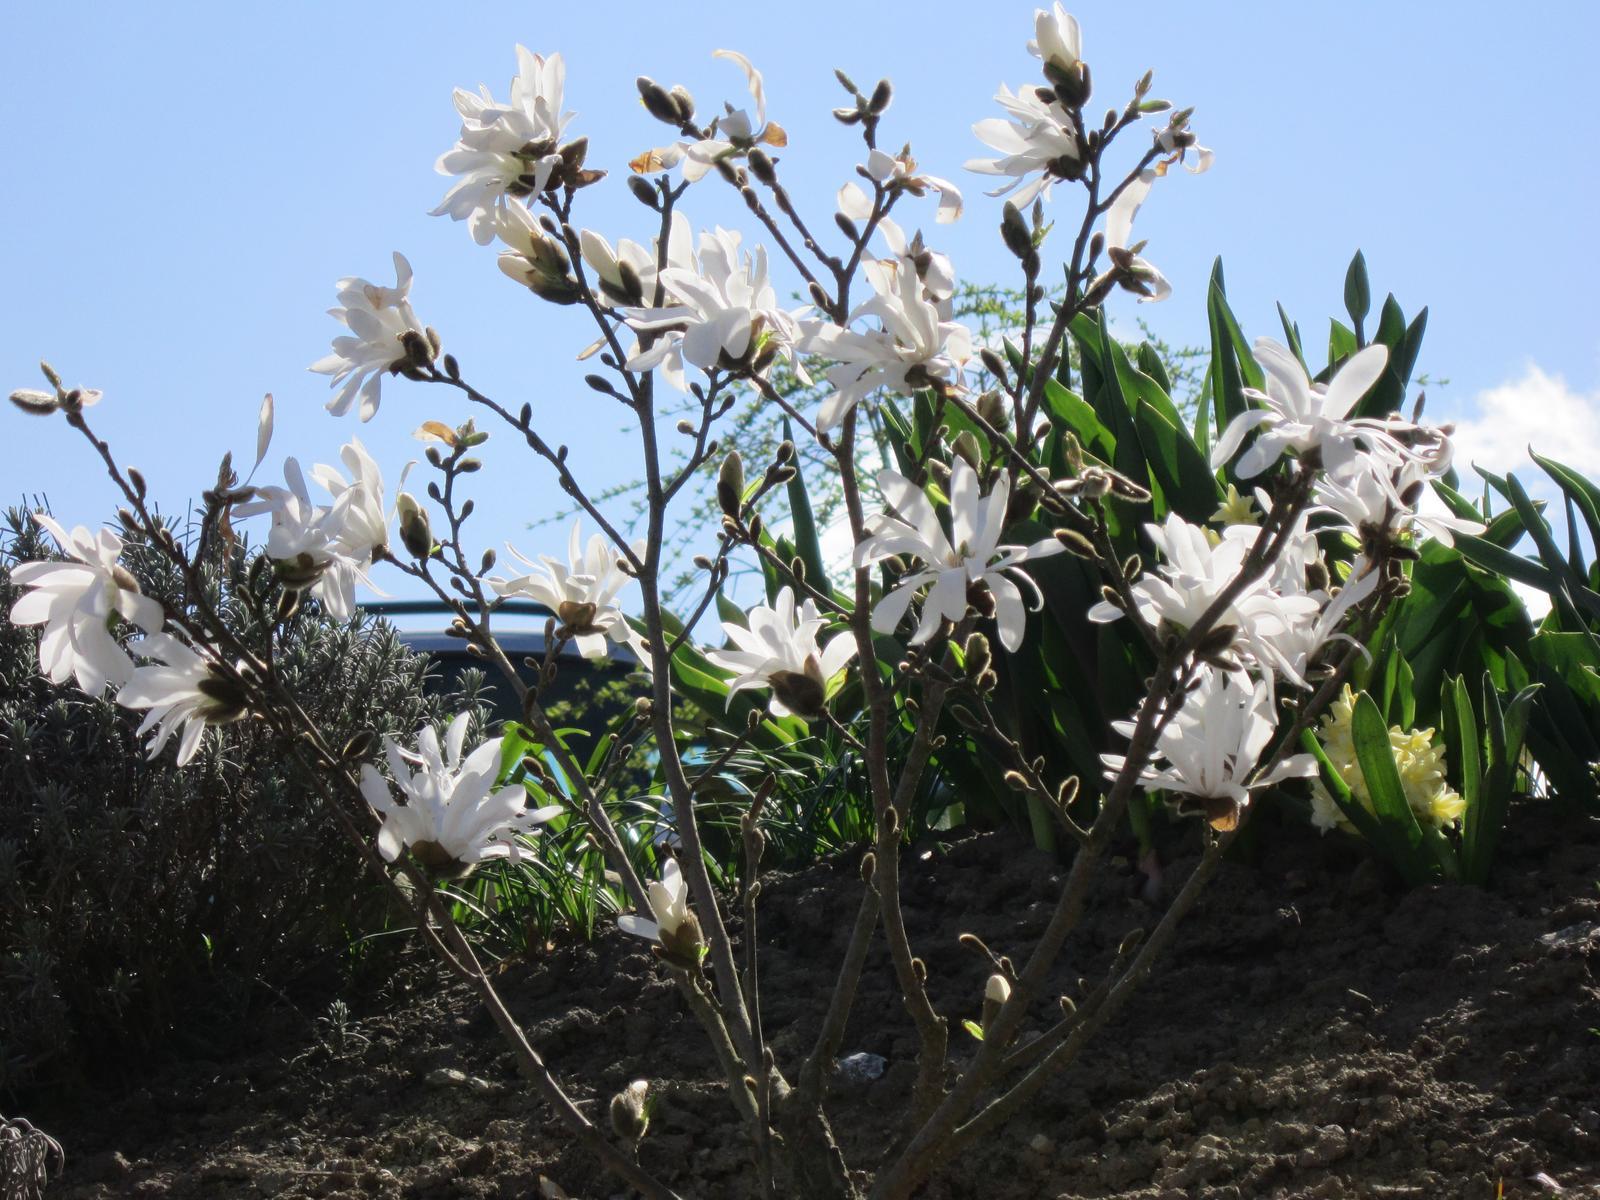 Moja záhrada...ako šiel čas - magnólia stellata